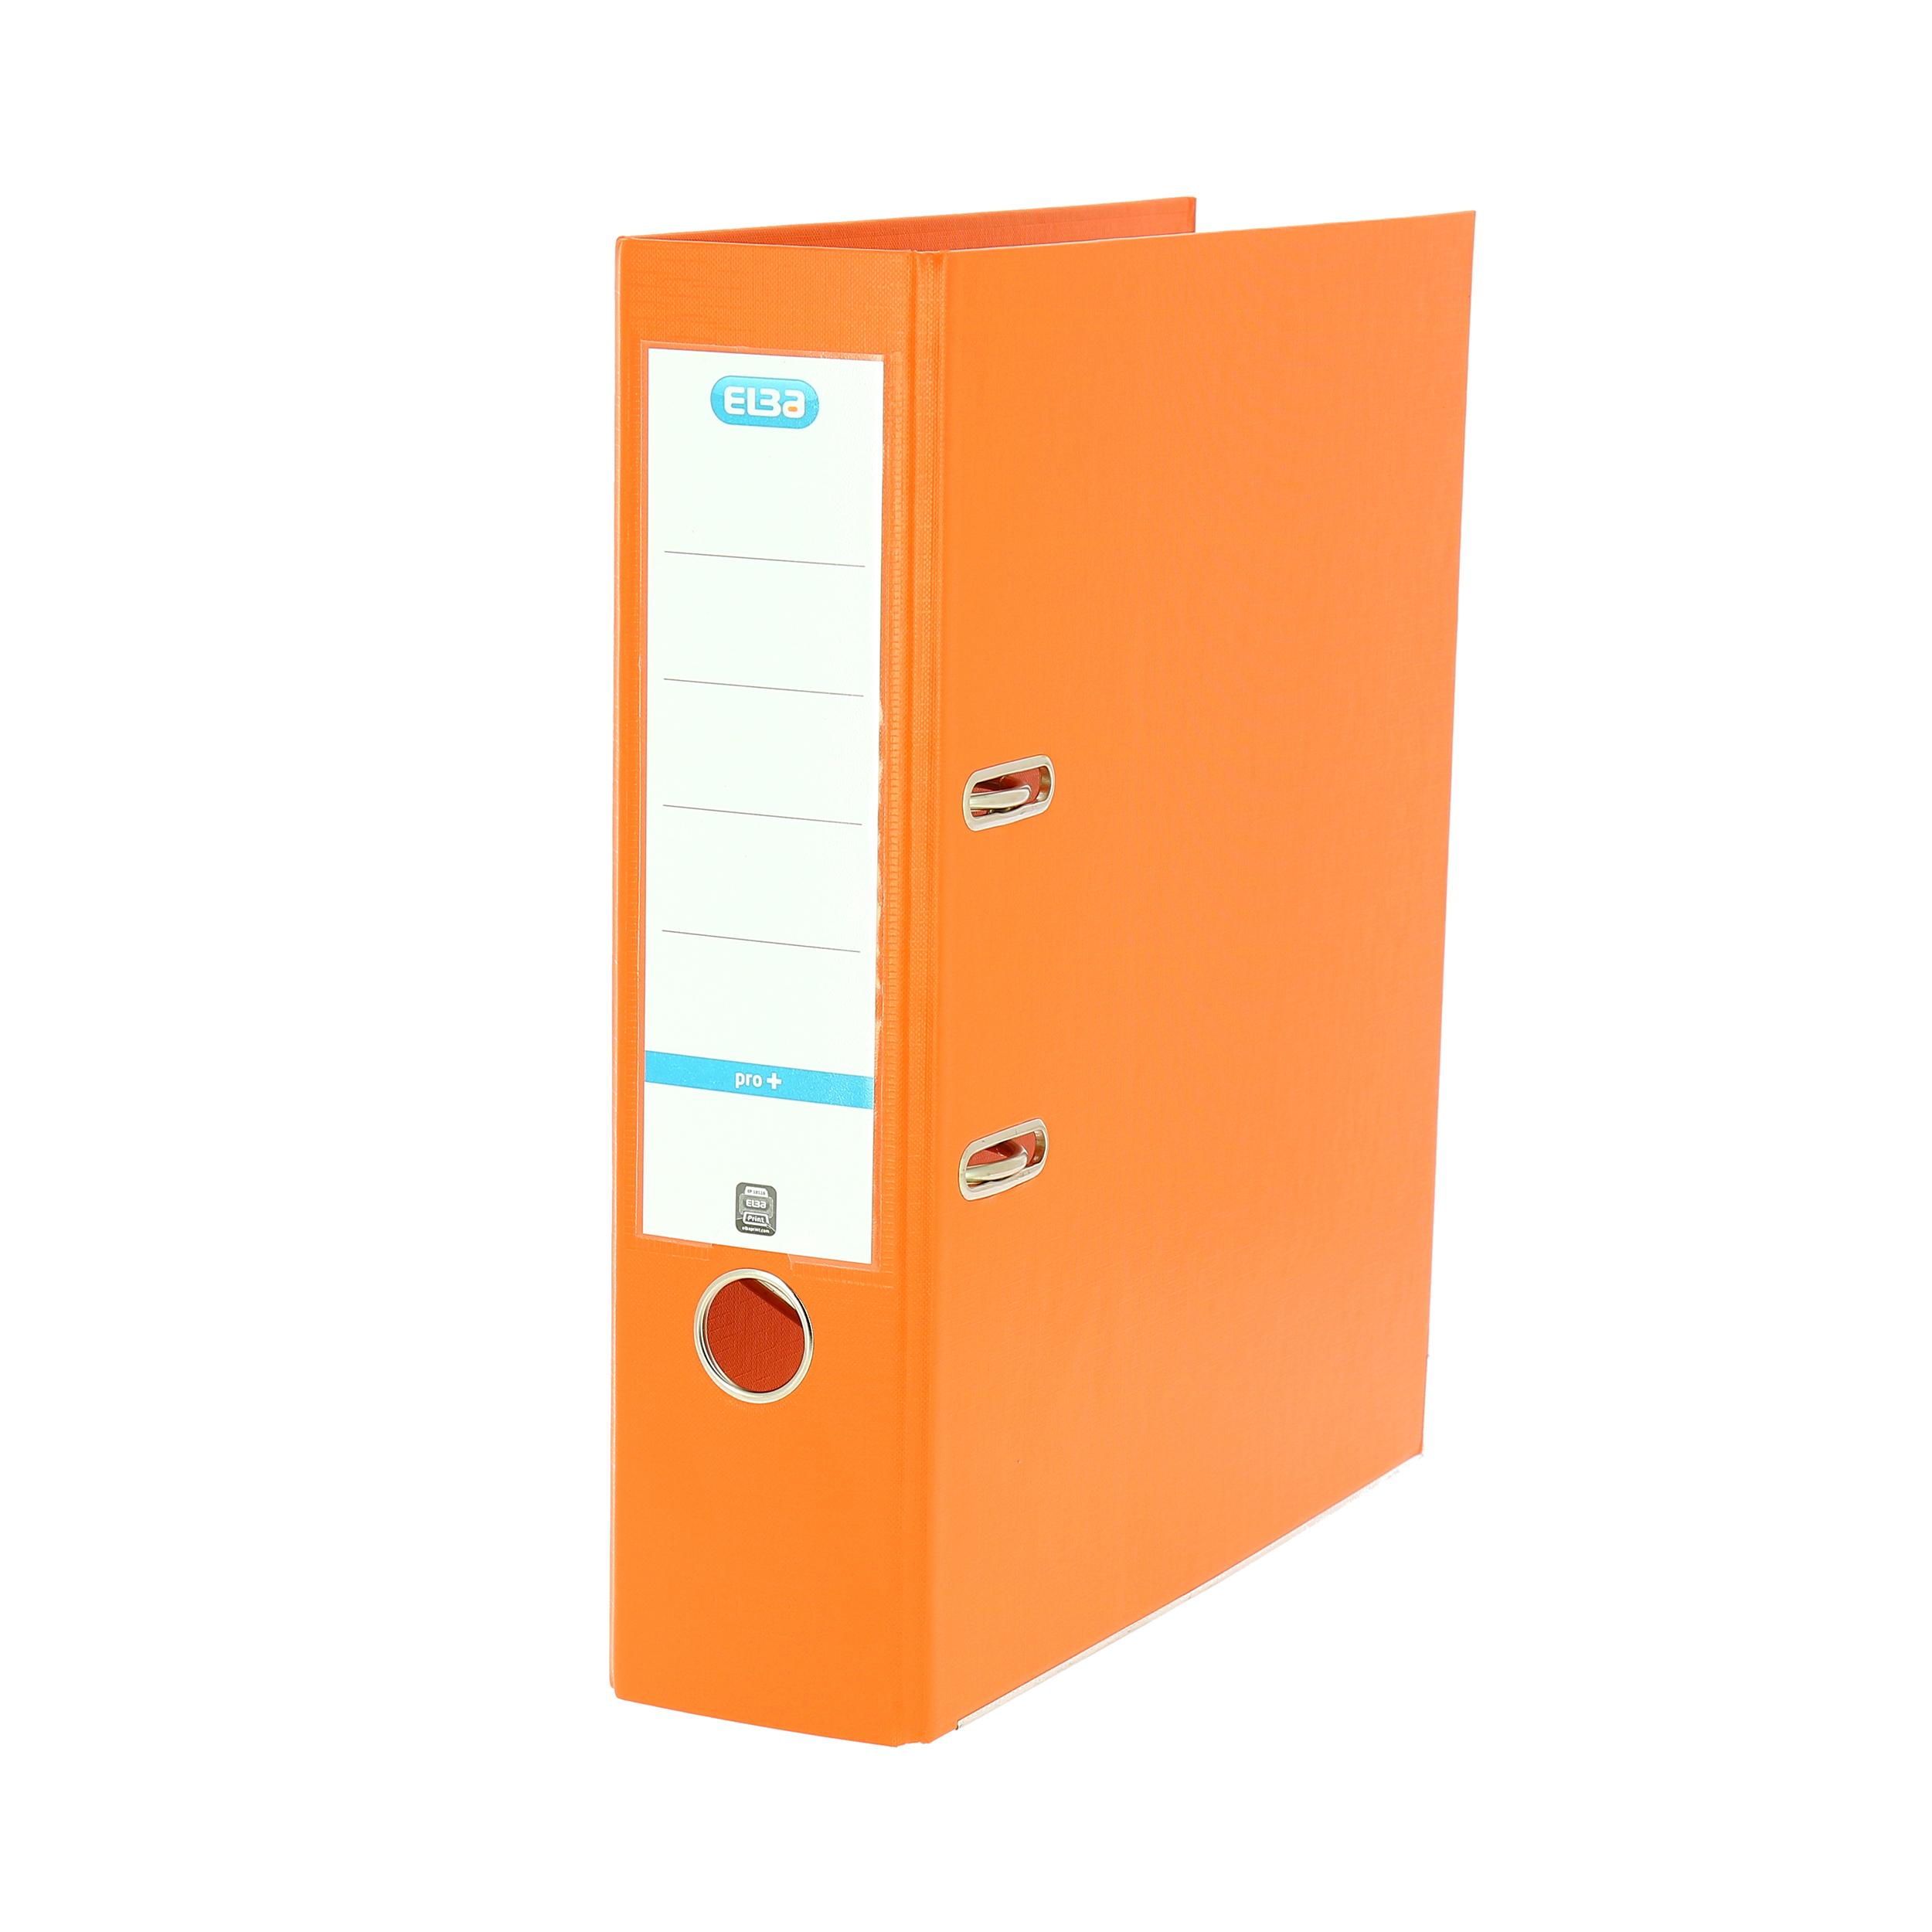 Elba Lever Arch File PP 70mm Spine A4 Orange Ref 100202170 Pack 10